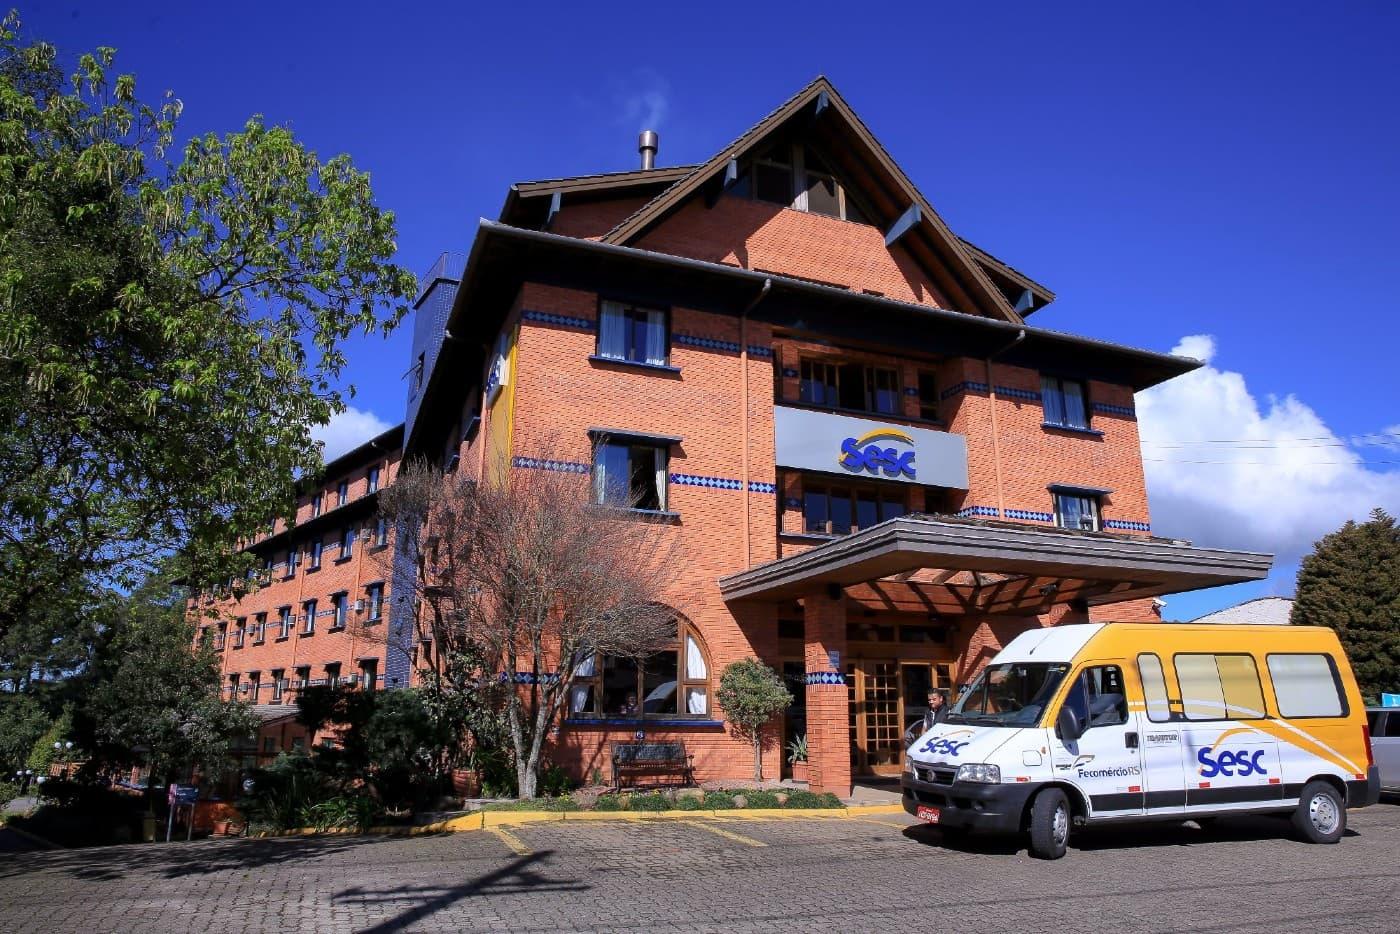 Hotéis Baratos em Gramado: 8 Opções para Economizar